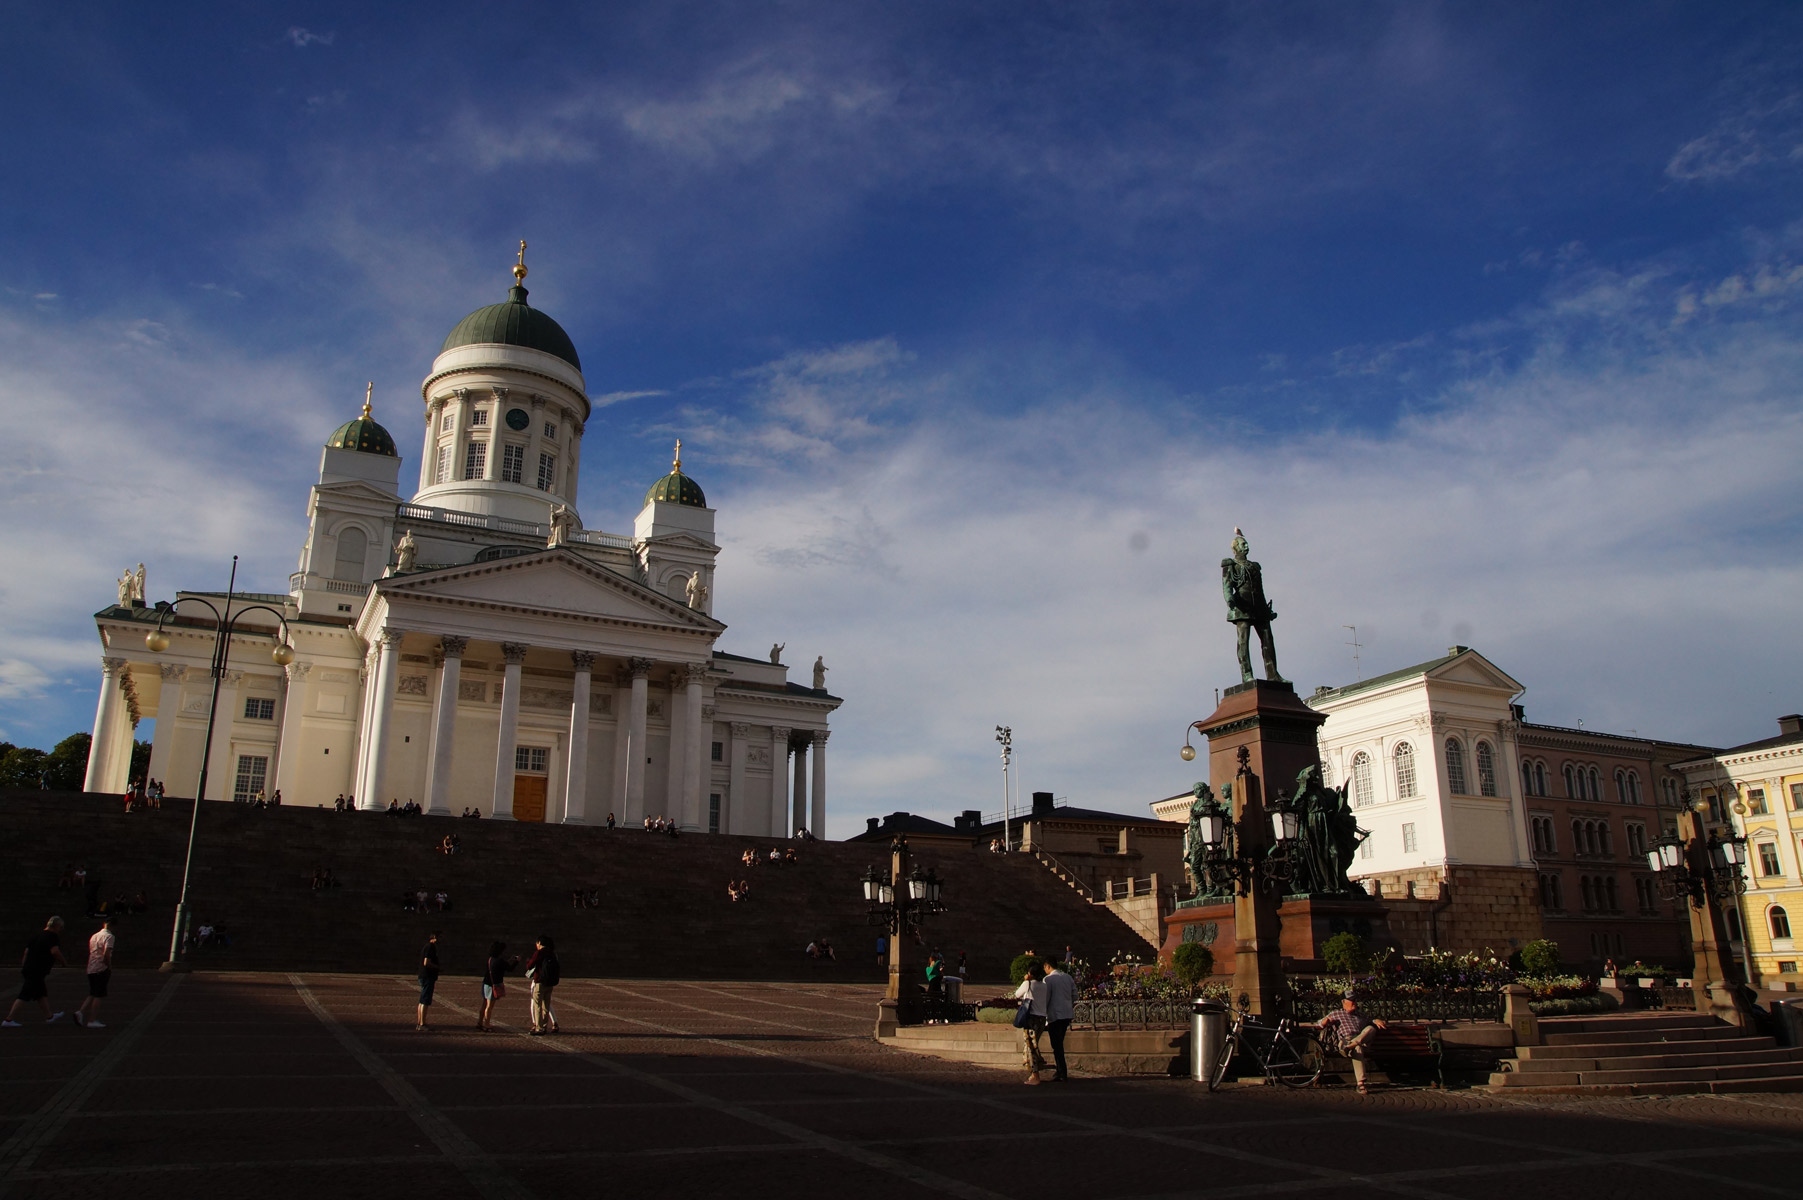 Хельсинки, Финляндия, лето 2018